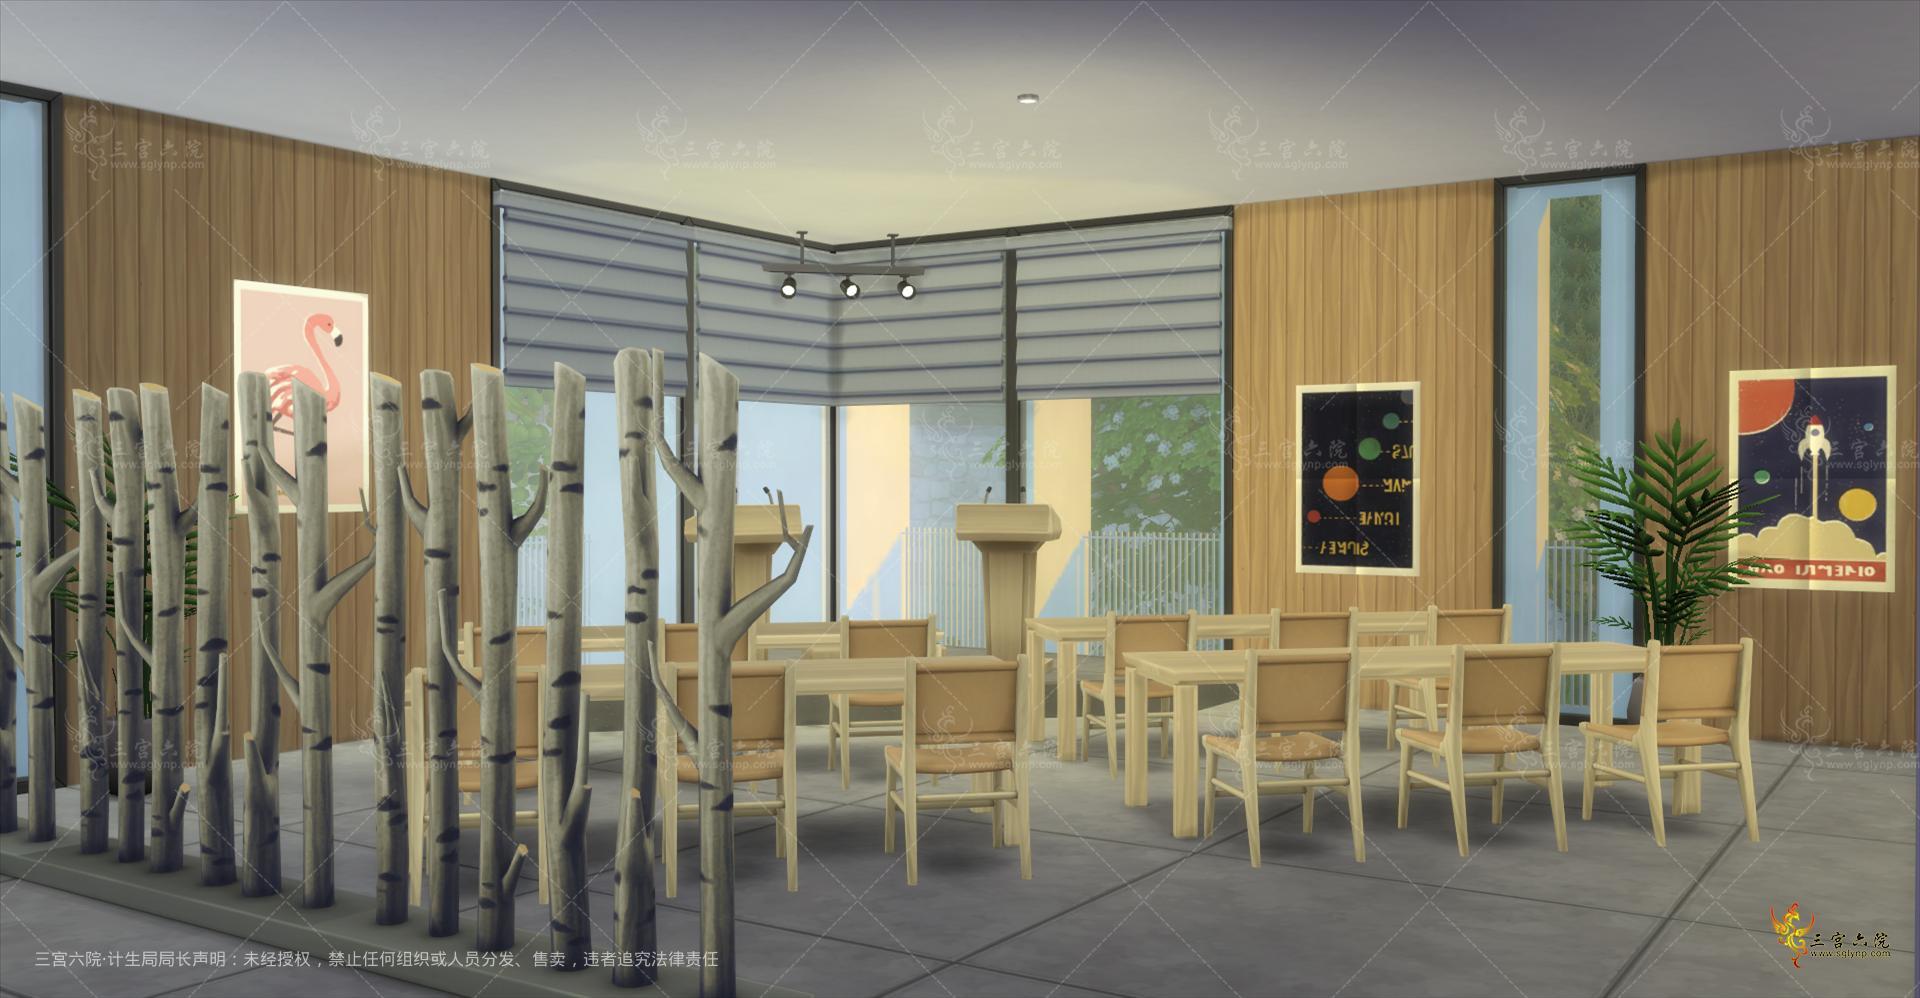 Sims 4 Screenshot 2021.09.19 - 14.49.53.85.png